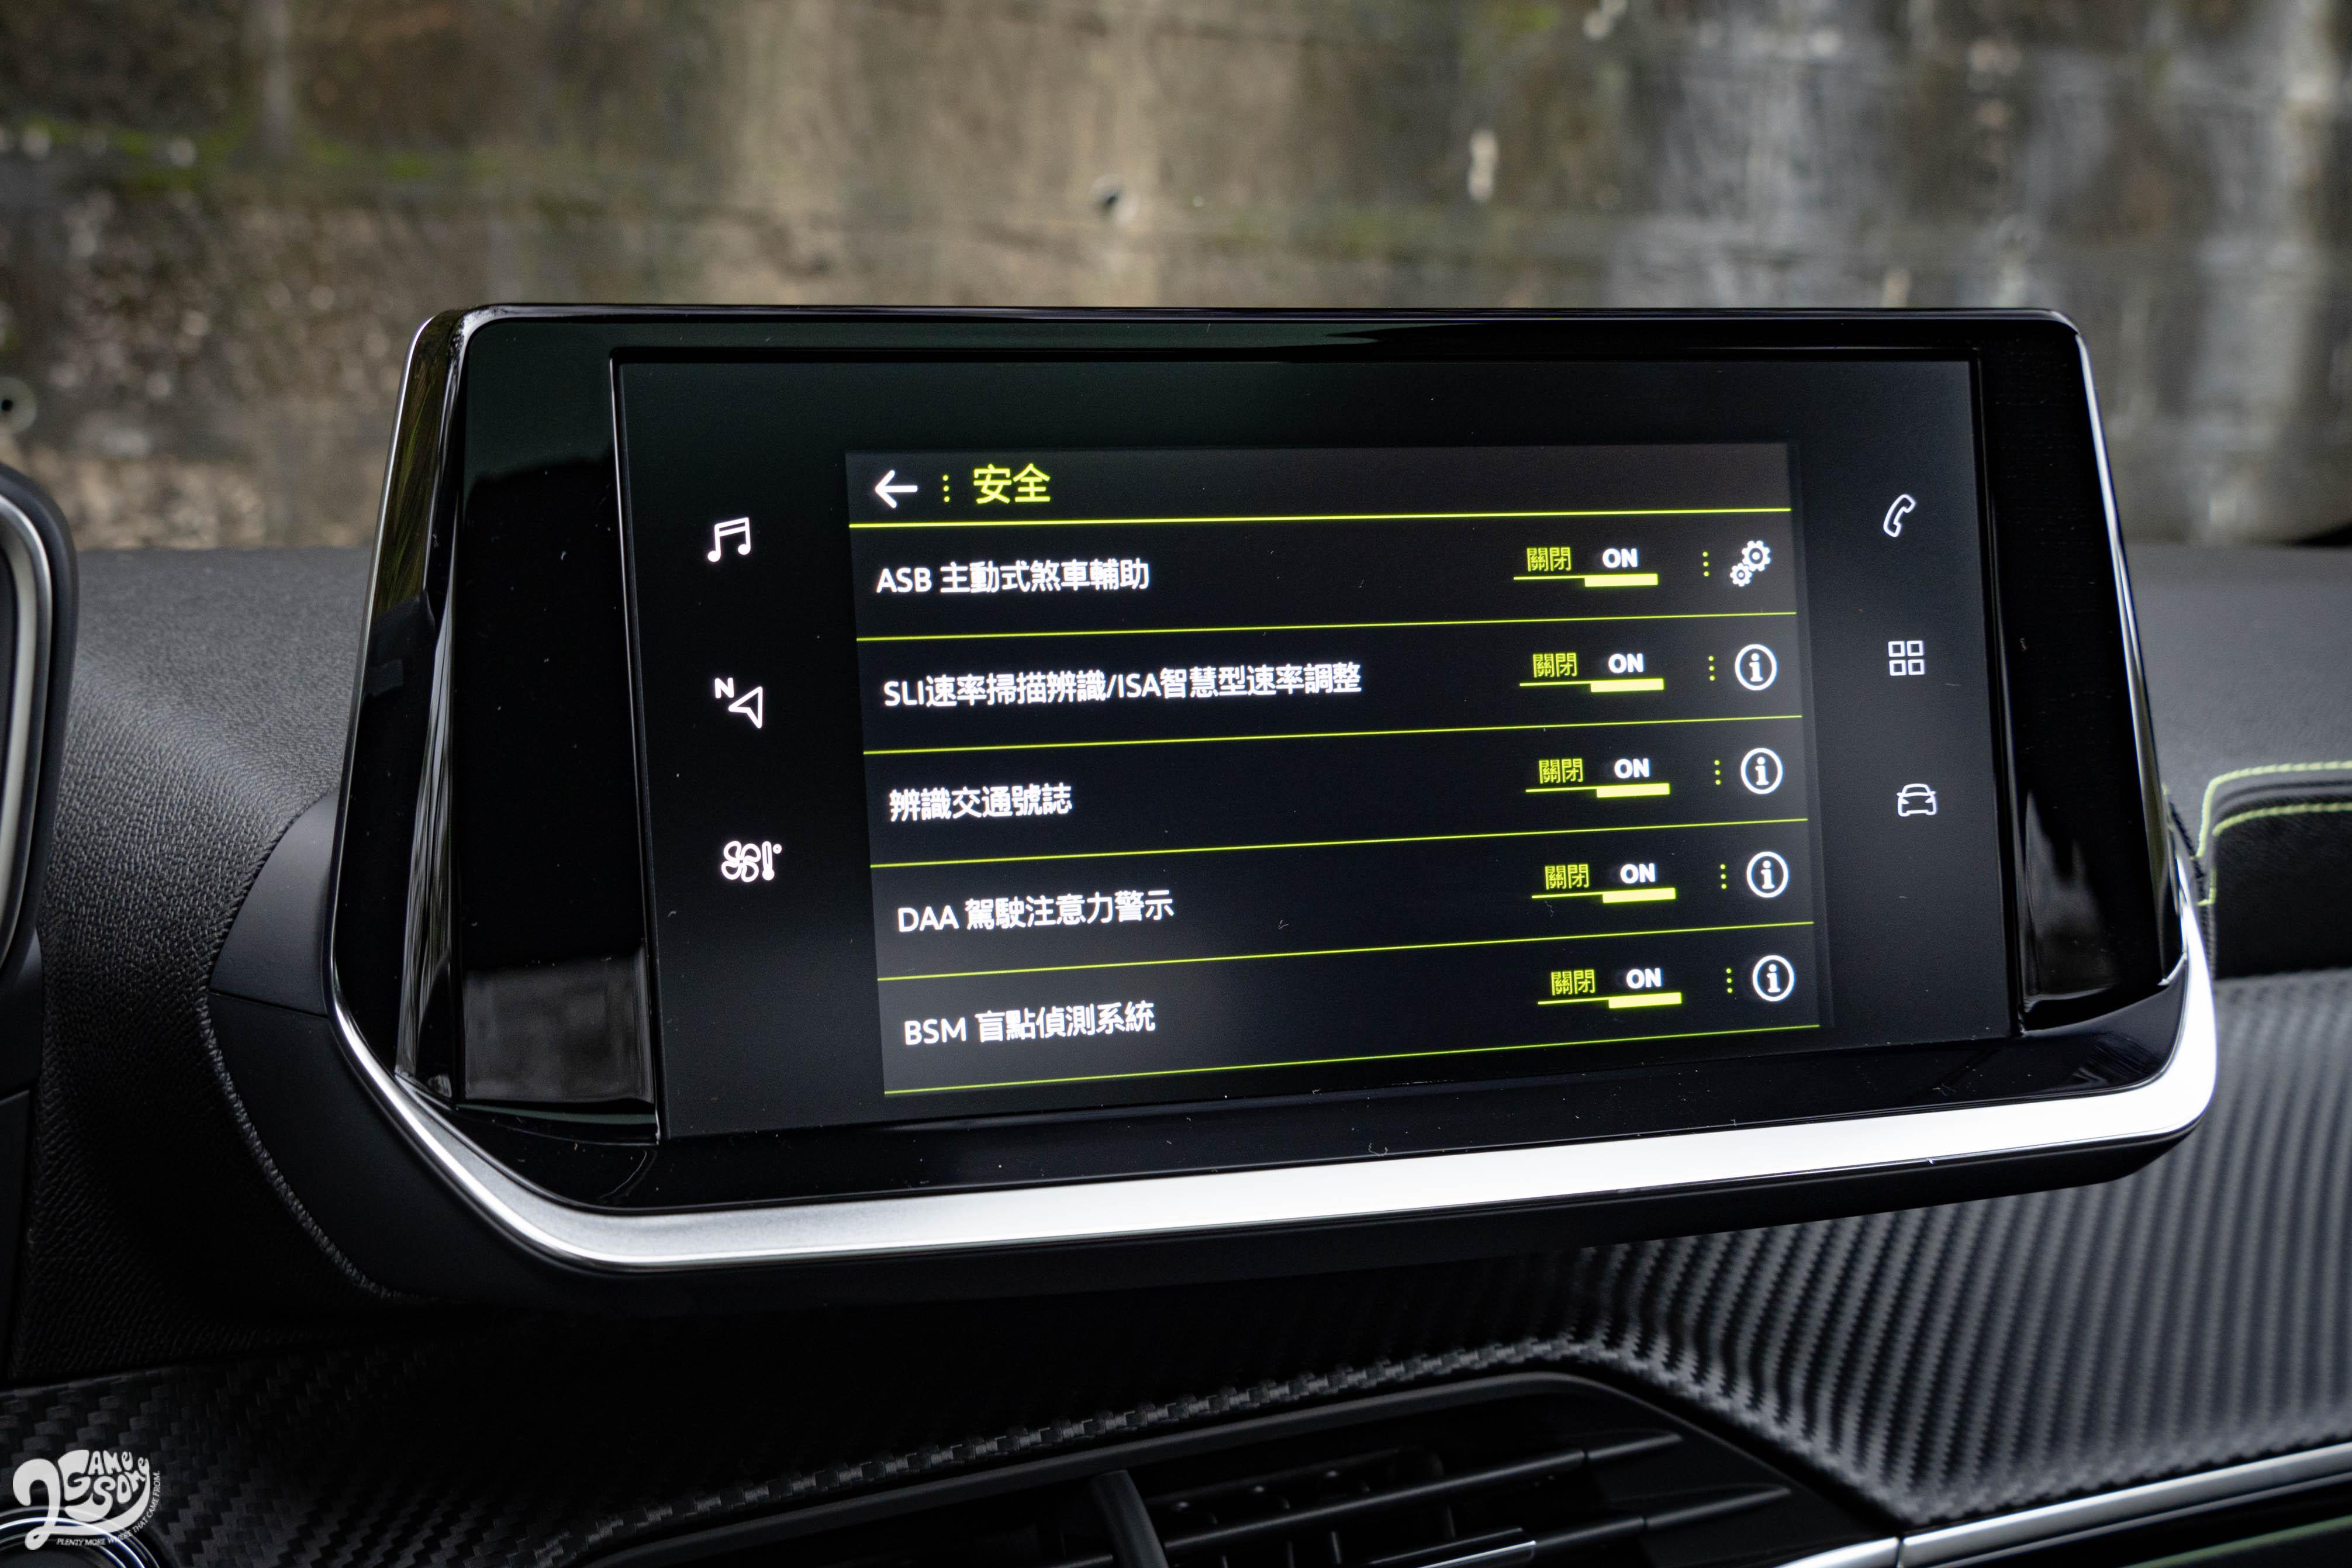 全車系也標配 SLI 速率掃描辨識系統、ASB 主動式煞車輔助系統、和 FCW 前方碰撞預警系統等先進科技。